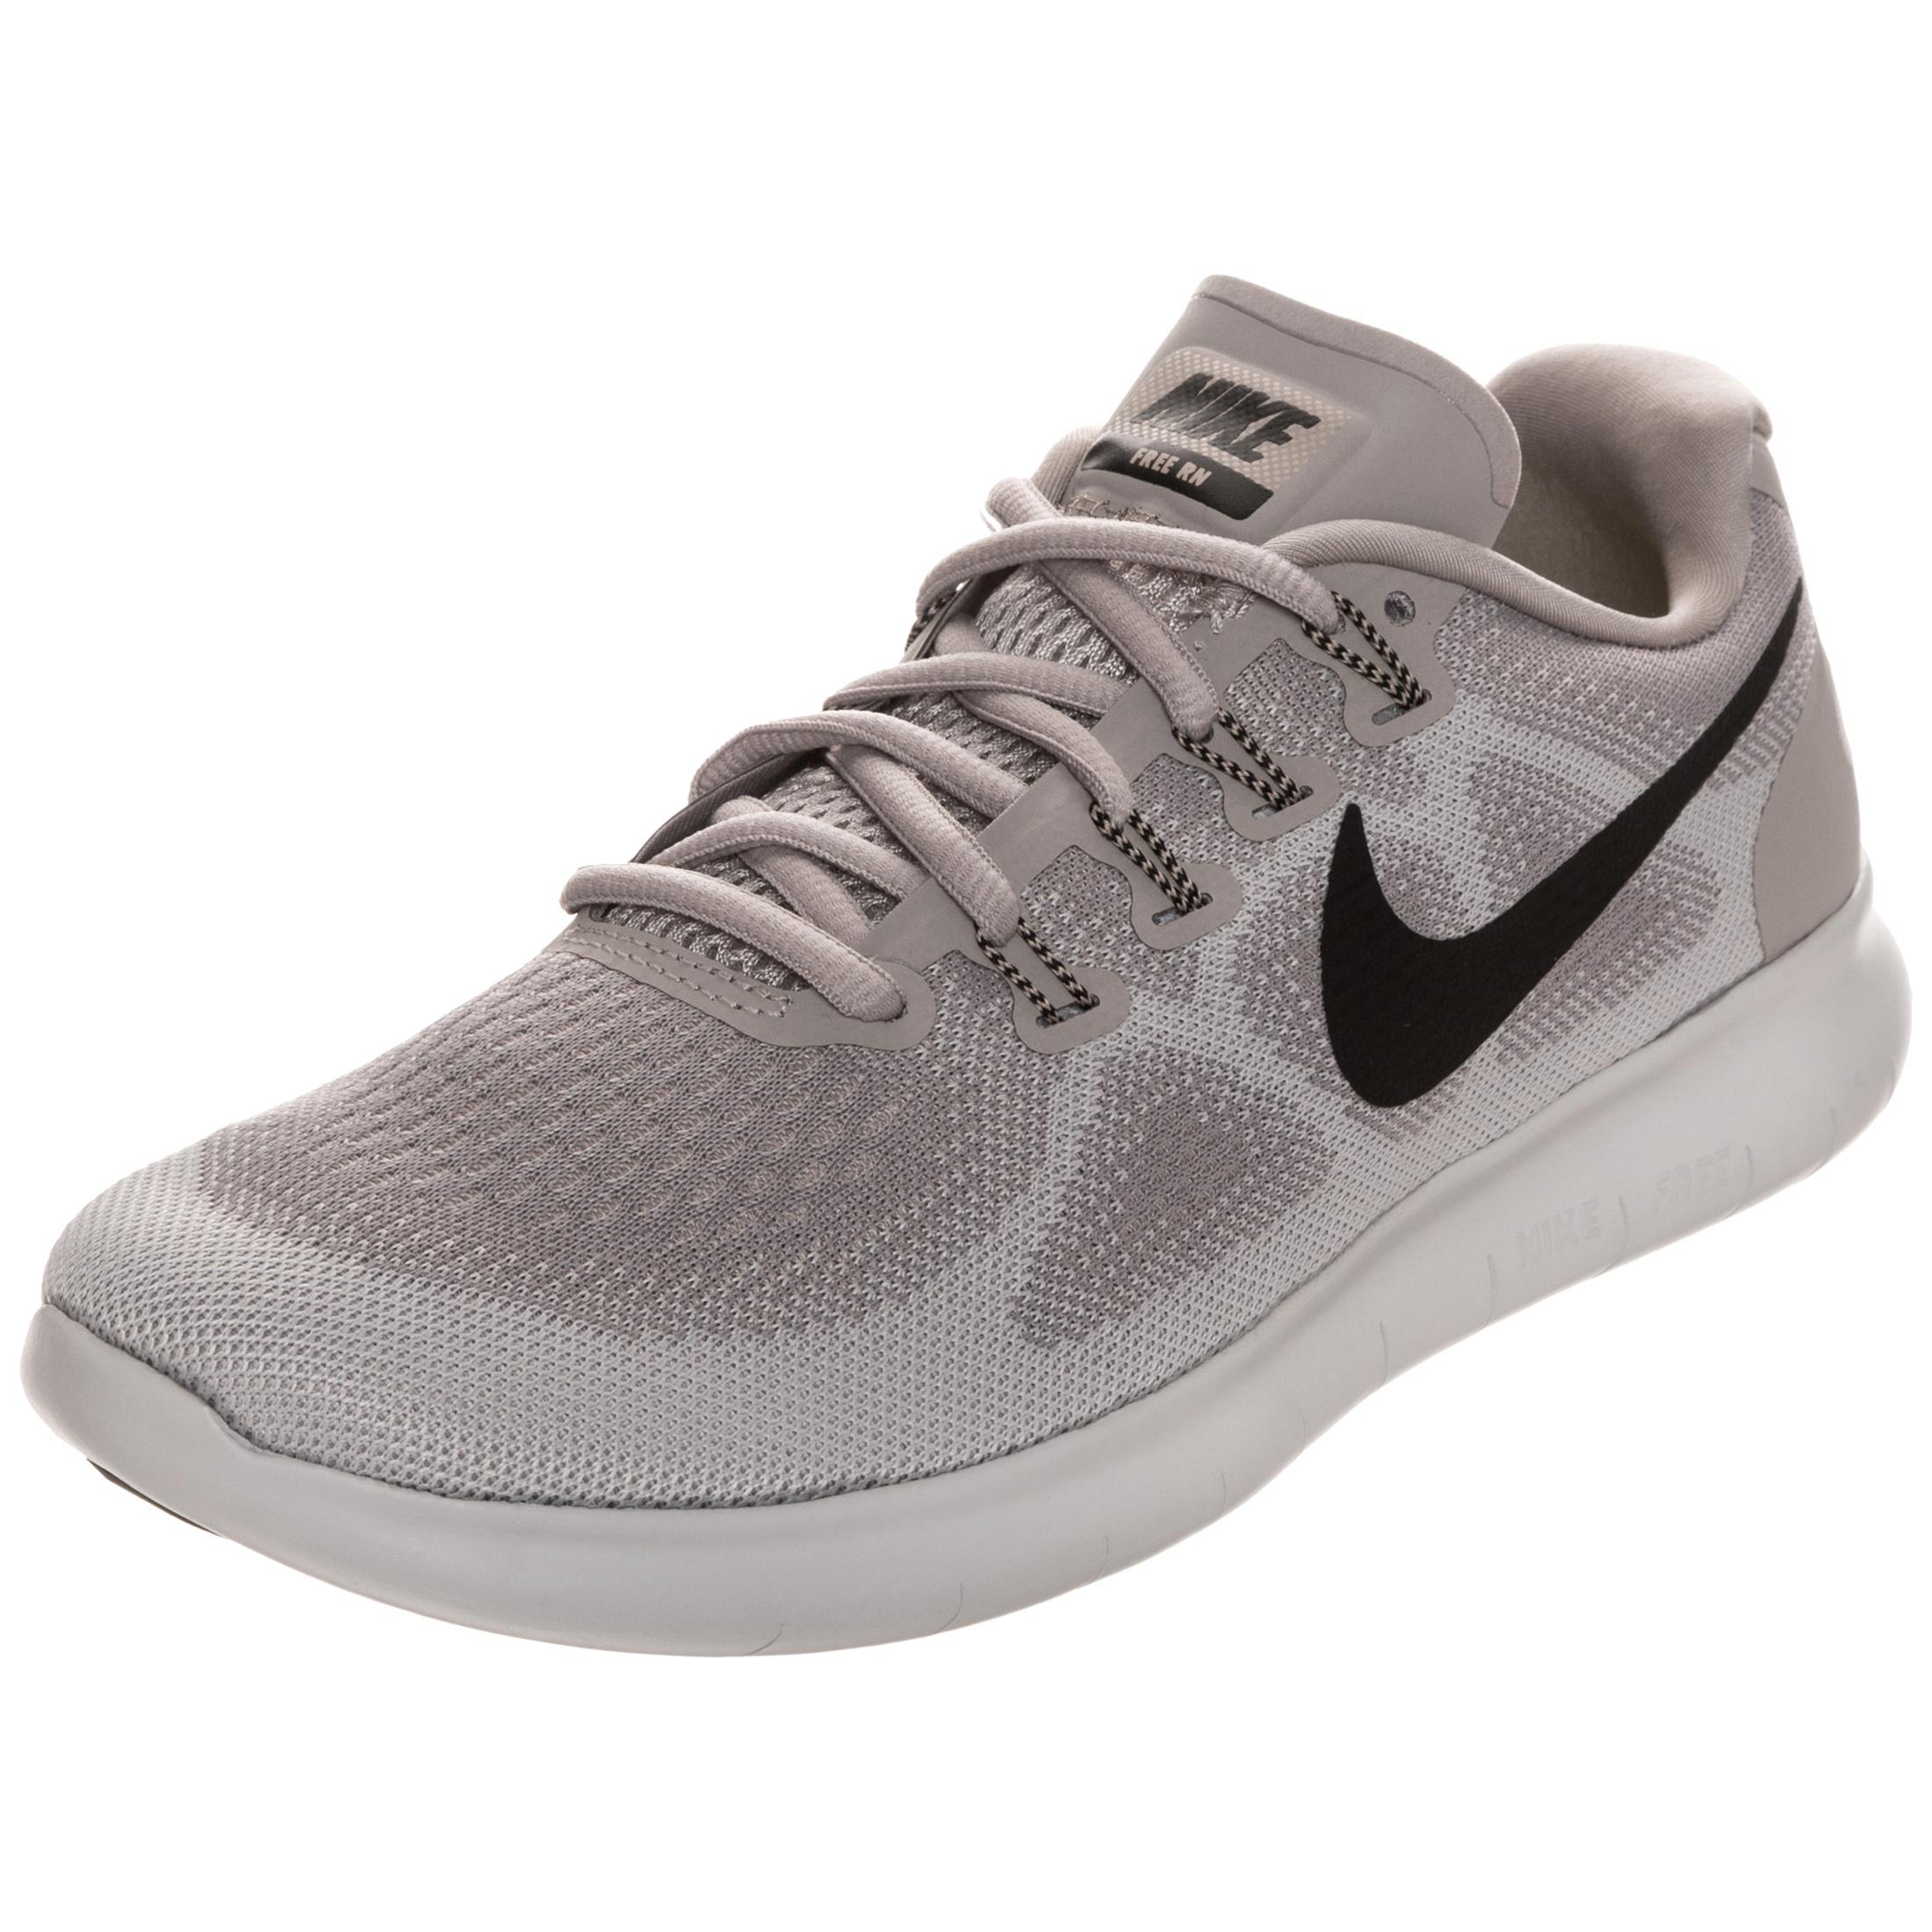 52cc4b02f6 Nike Free RN 2017 Laufschuhe Damen beige / schwarz im Online Shop von  SportScheck kaufen